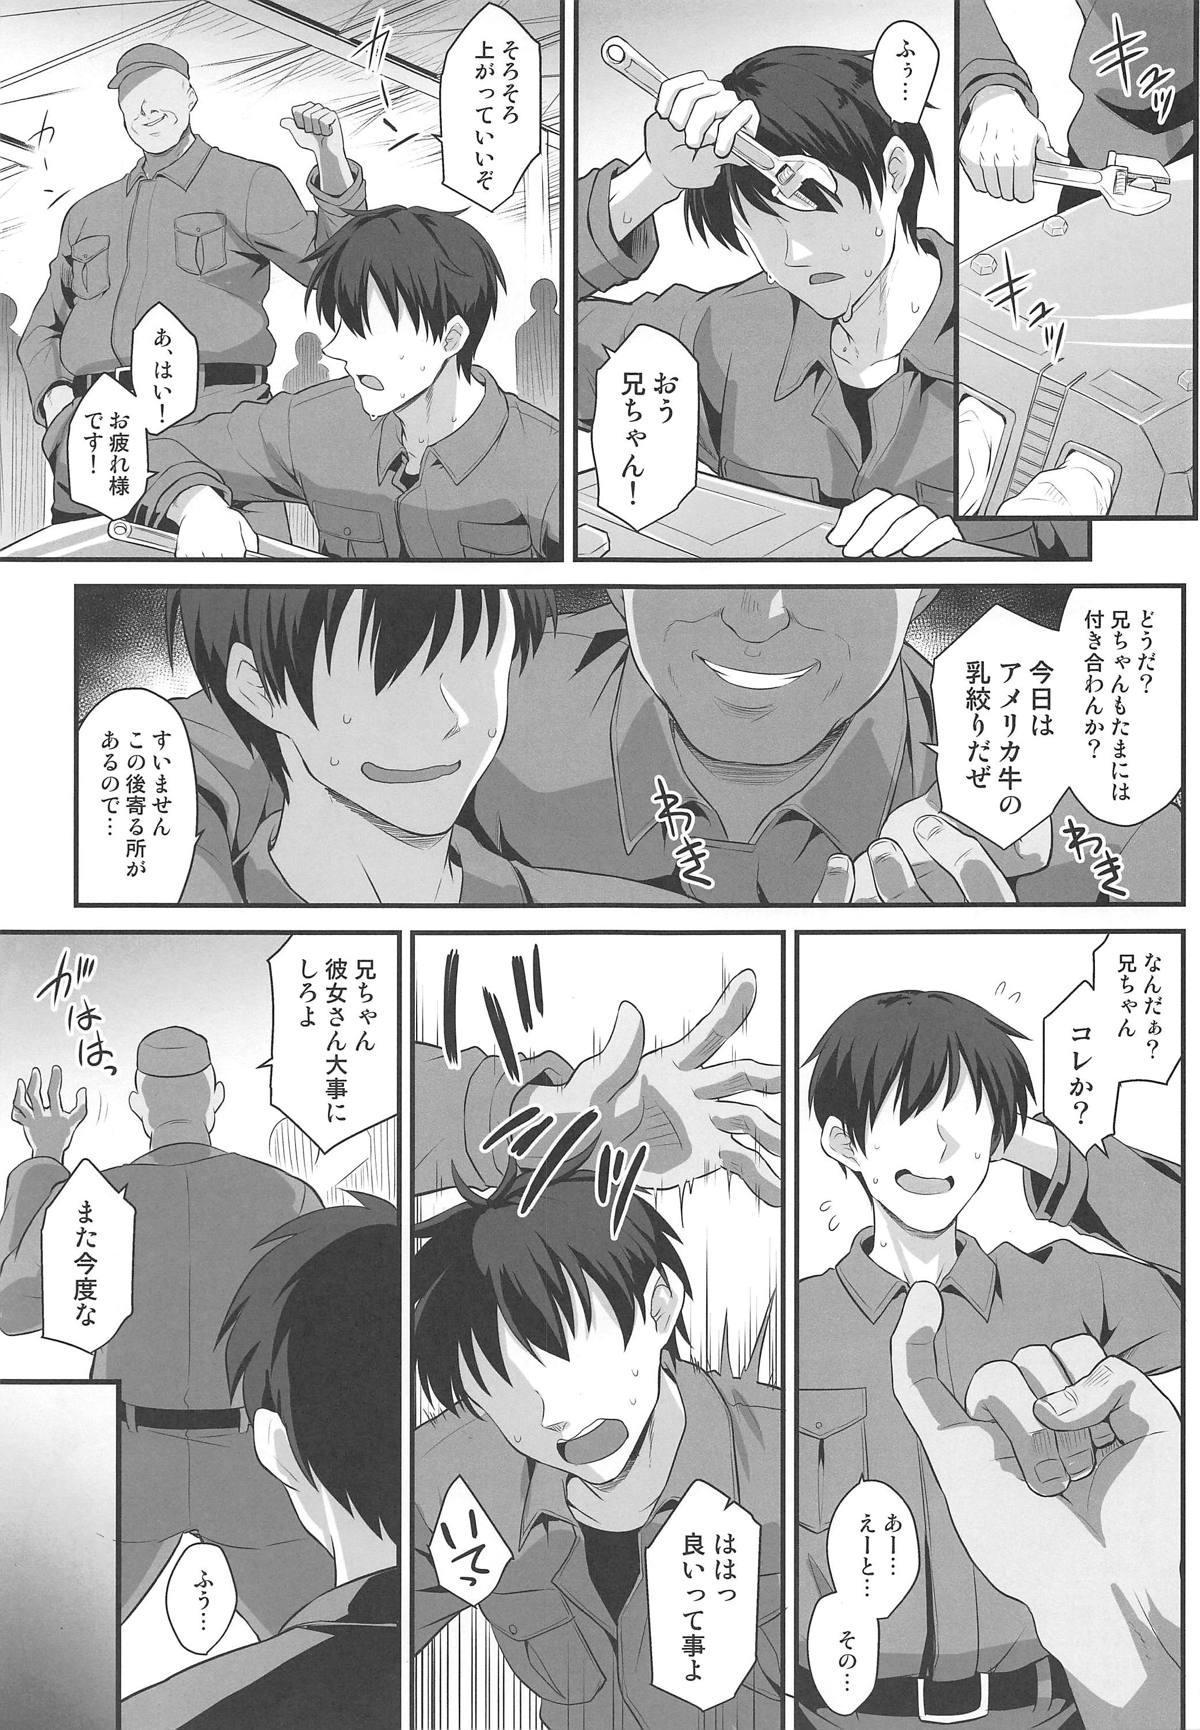 Kongou-chan to Love Love Shinkon Play 1